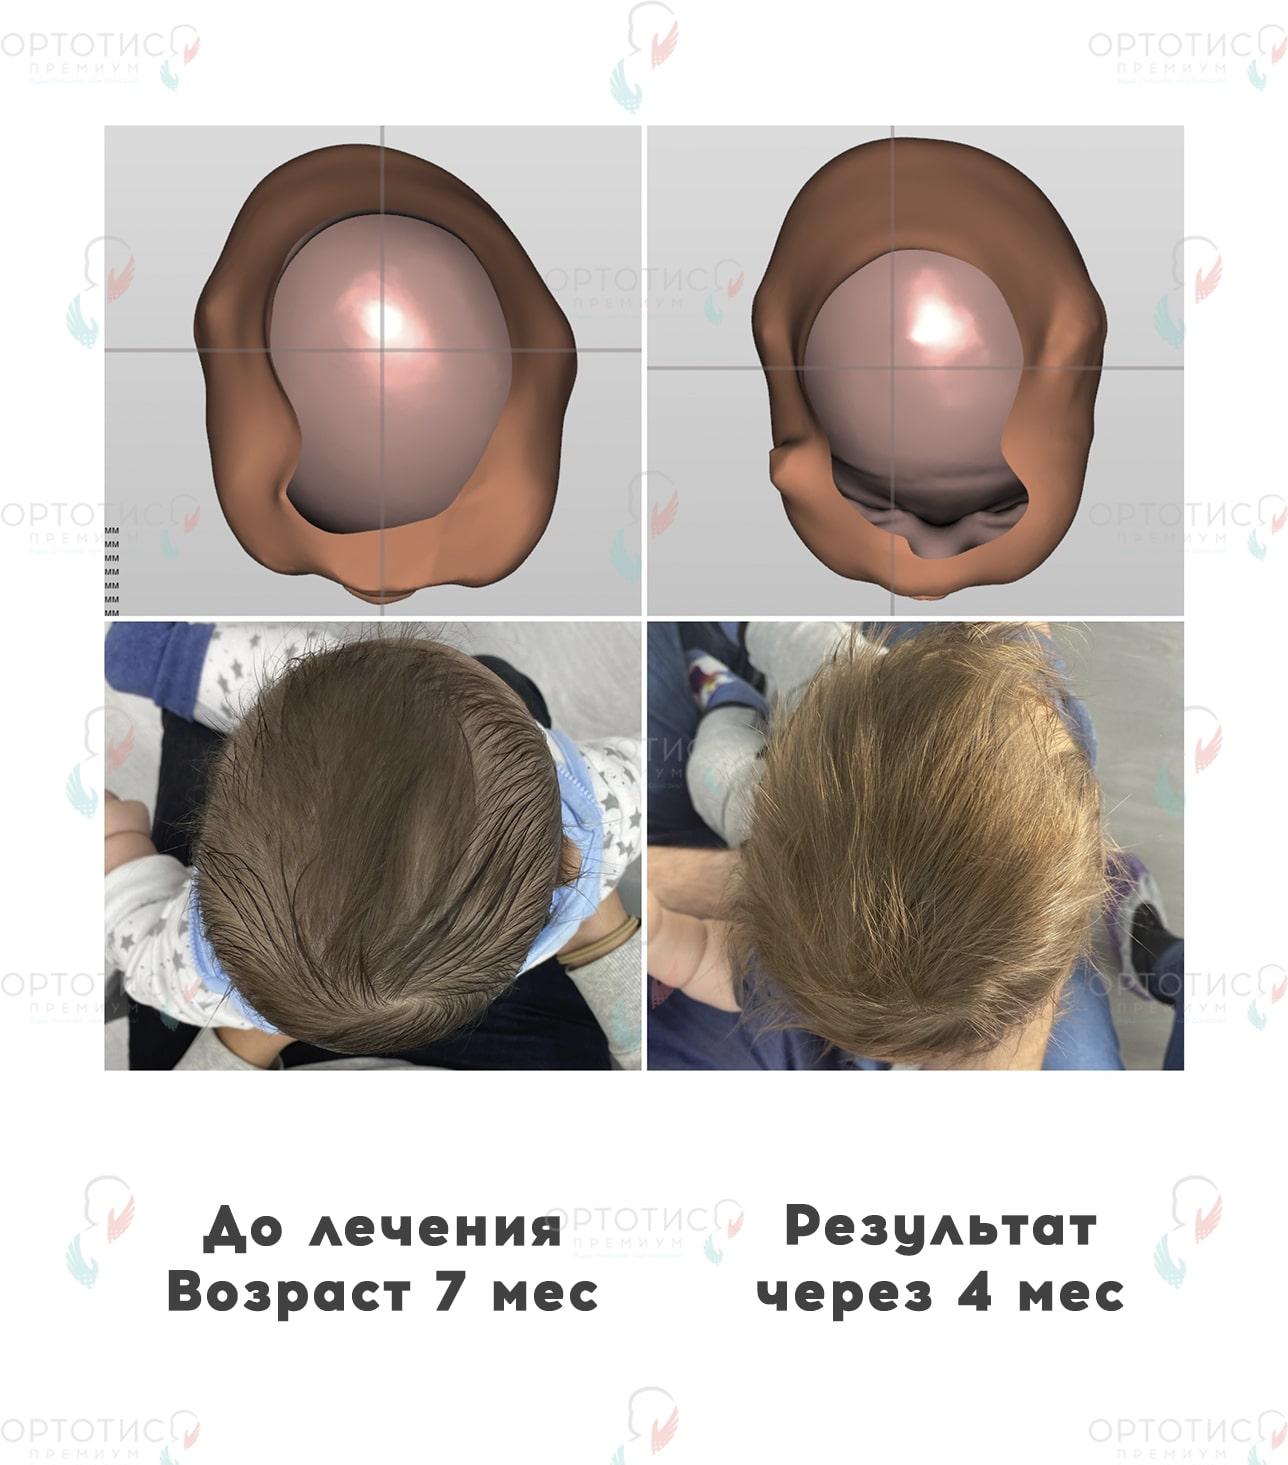 Асимметричная брахицефалия, 4 месяца - Ортотис Премиум